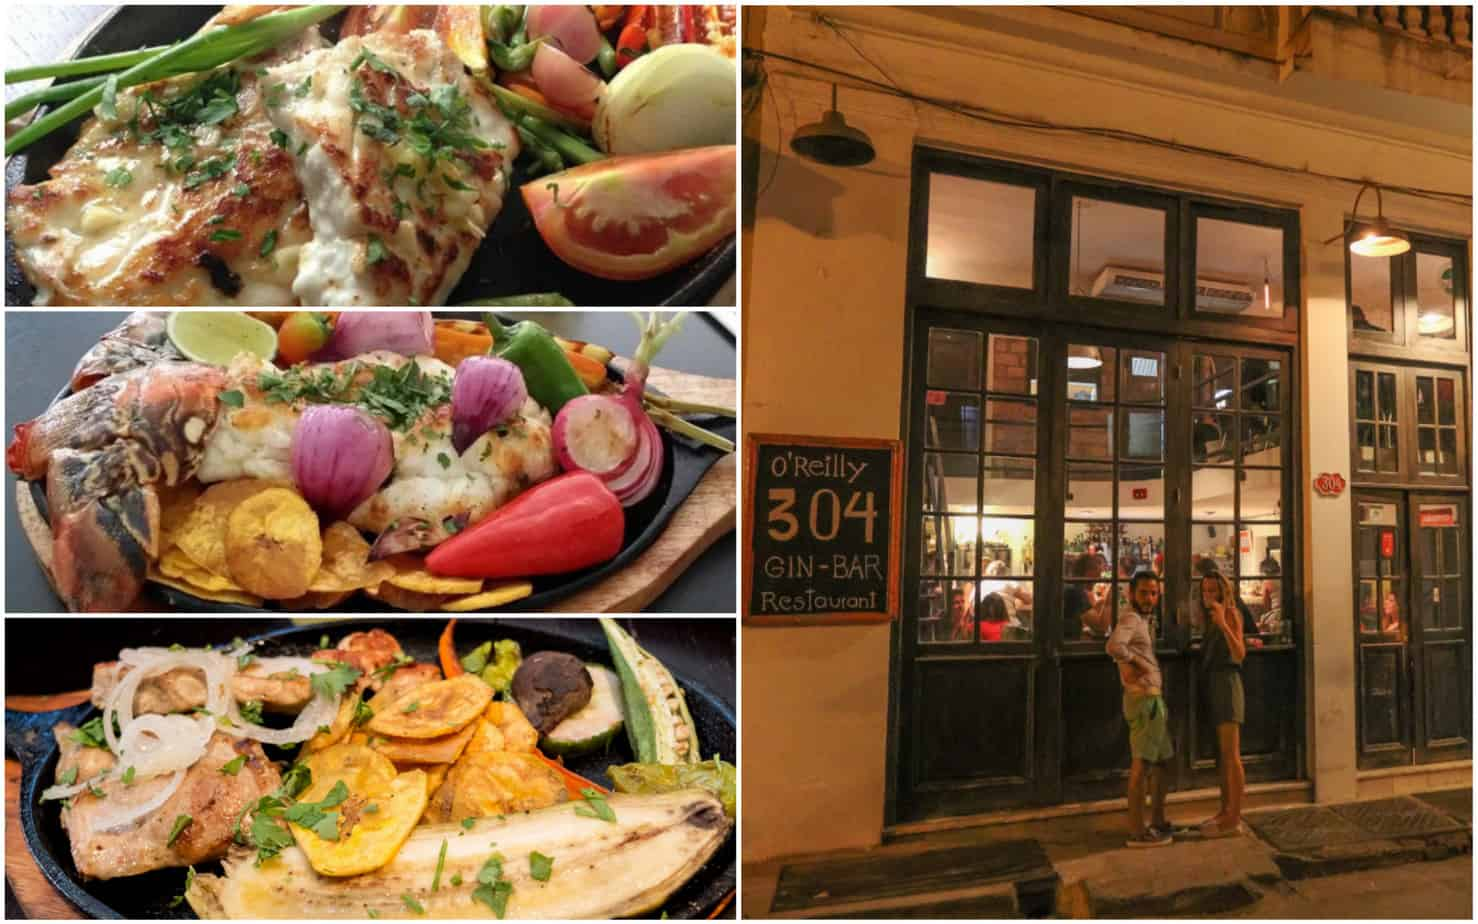 O'Reilly 304, el menú más original de Cuba en el corazón de La Habana Vieja (+ Fotos)